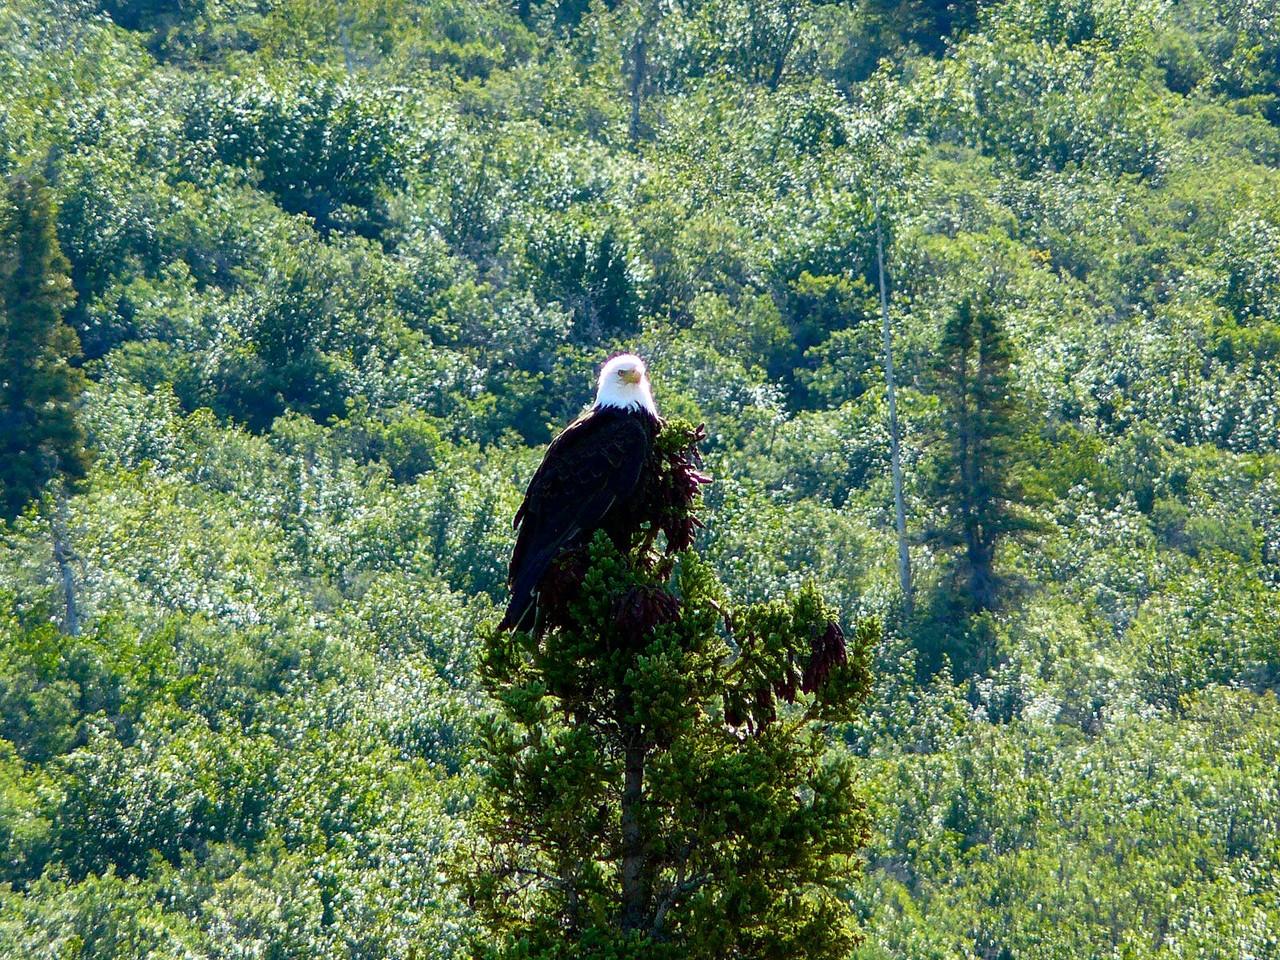 <B>Ein Weisskopf-Seeadler, das Wappentier der USA